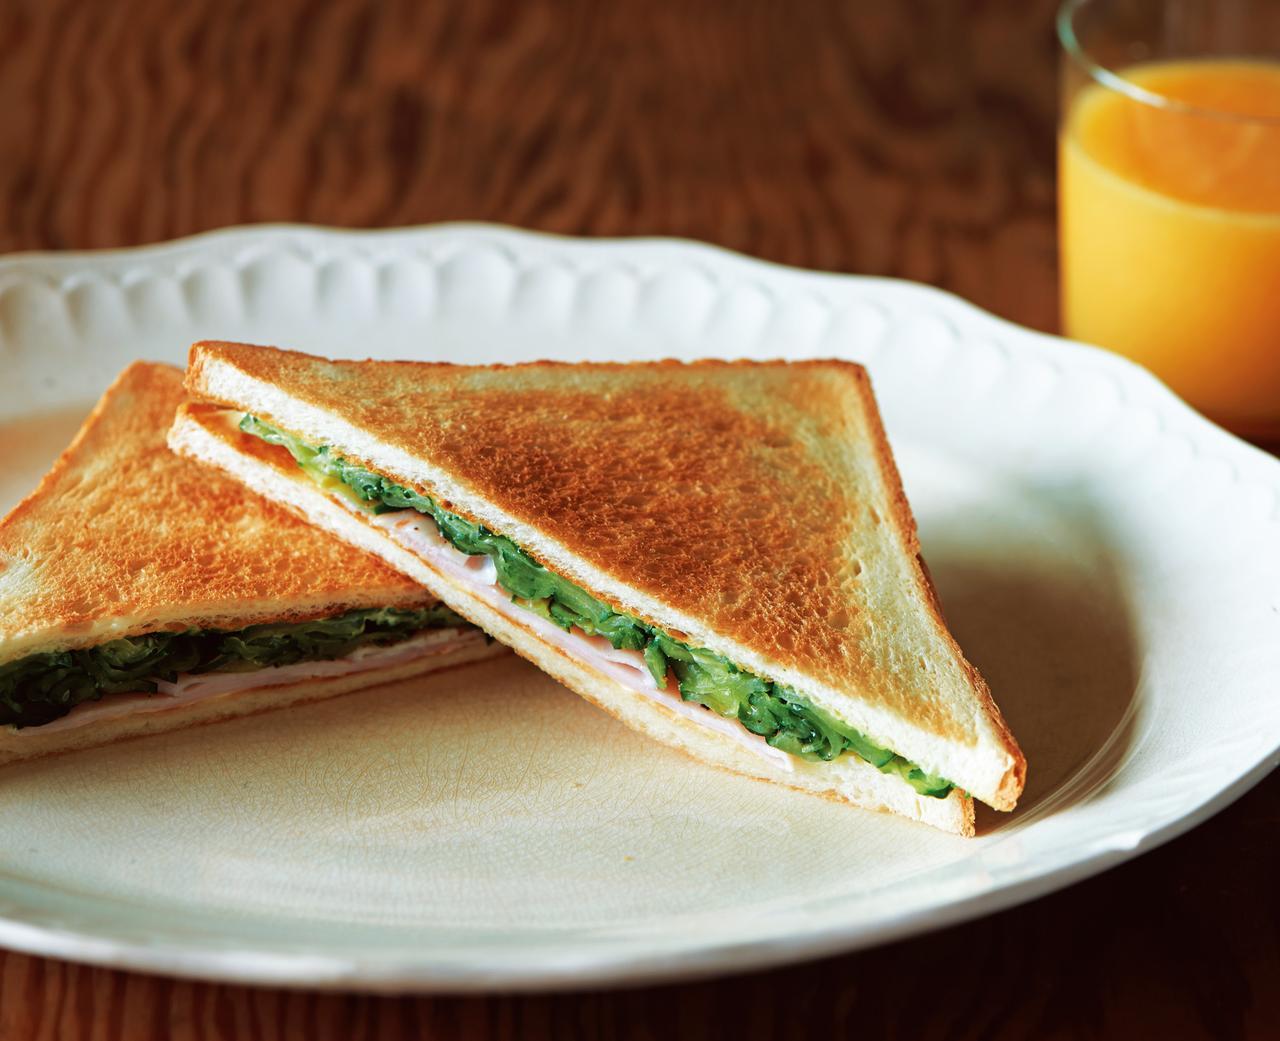 画像1: きゅうりとハムのサンドイッチ